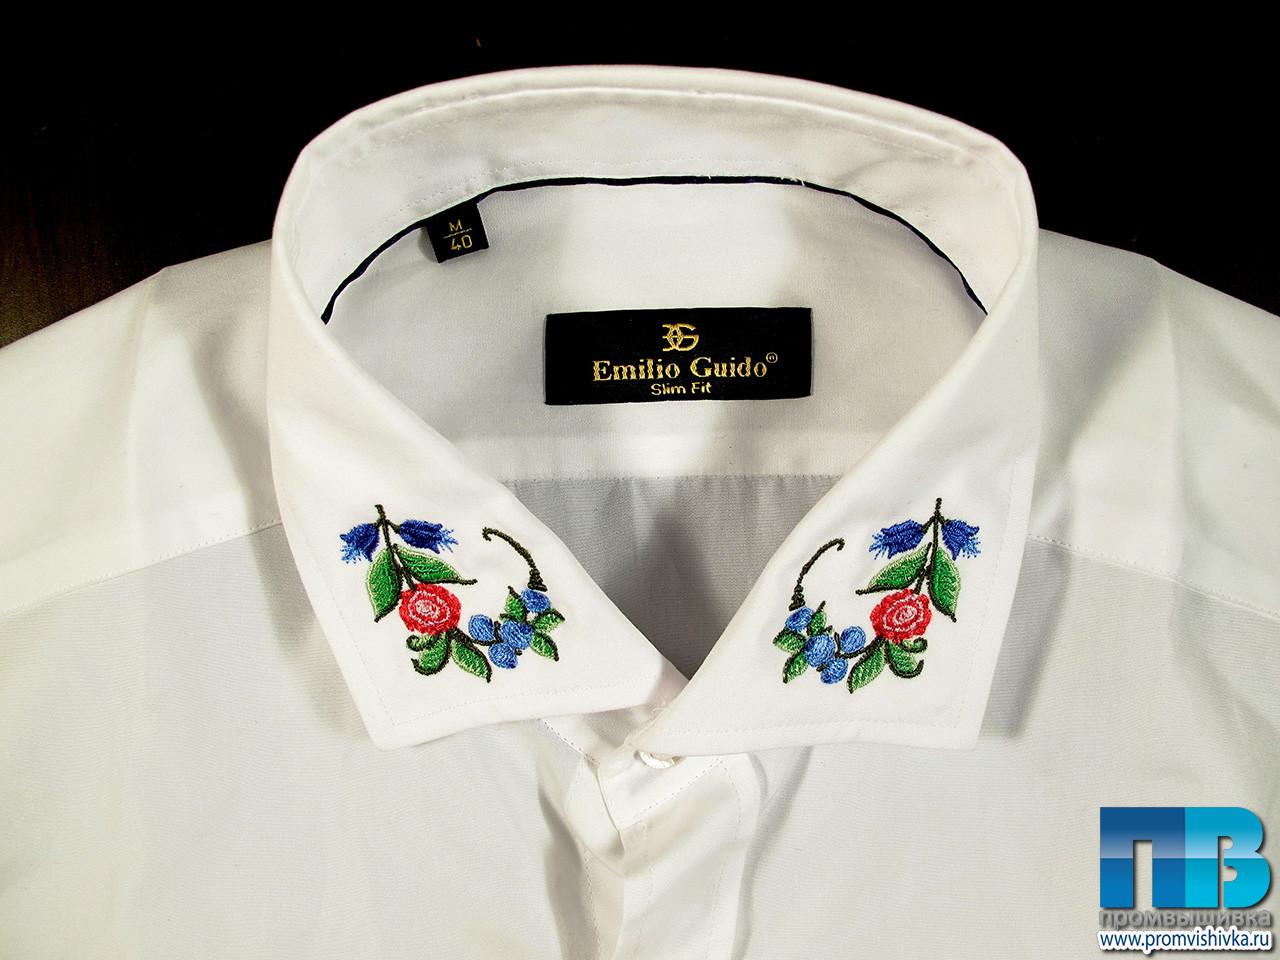 Вышивка на воротниках рубашек